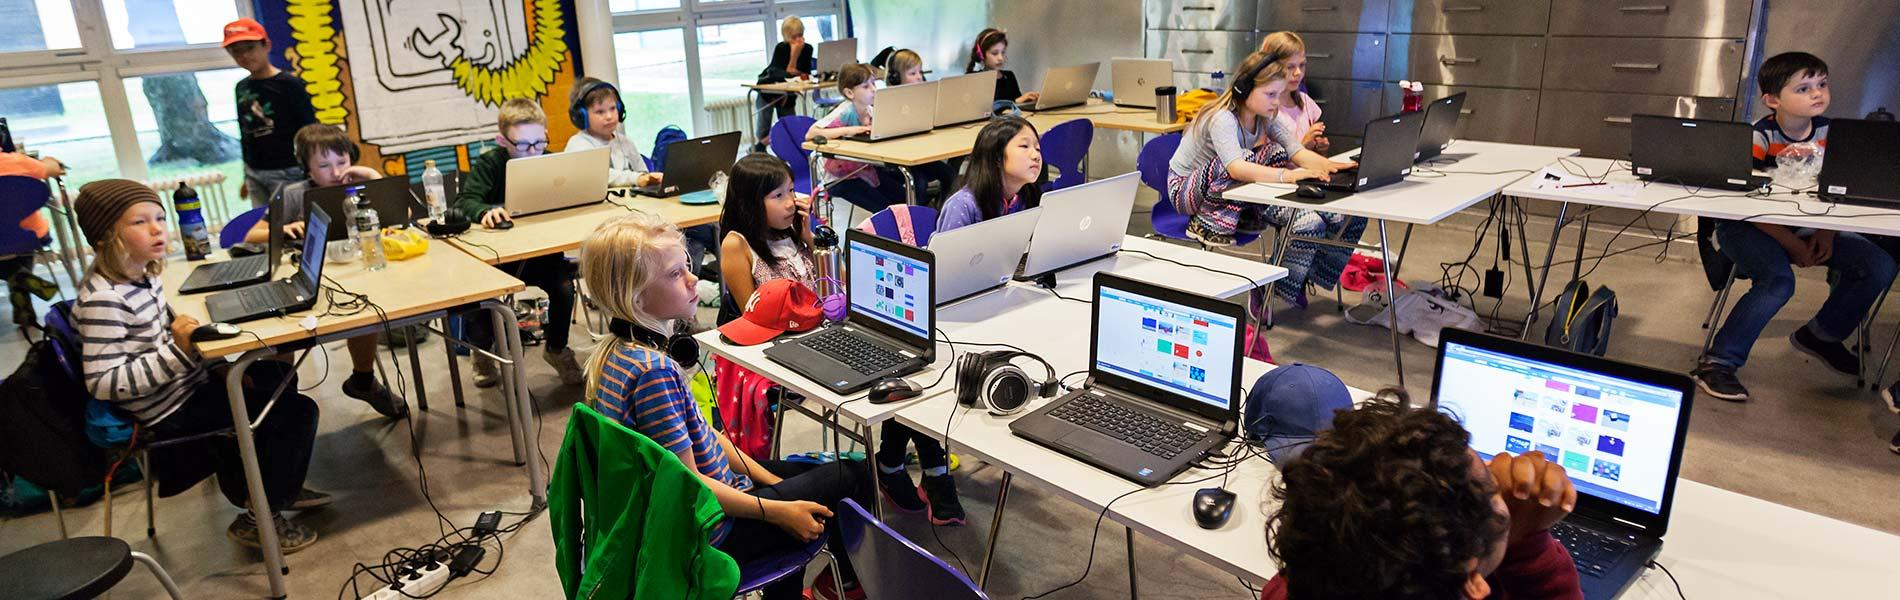 Barn vid datorer som programmerar.